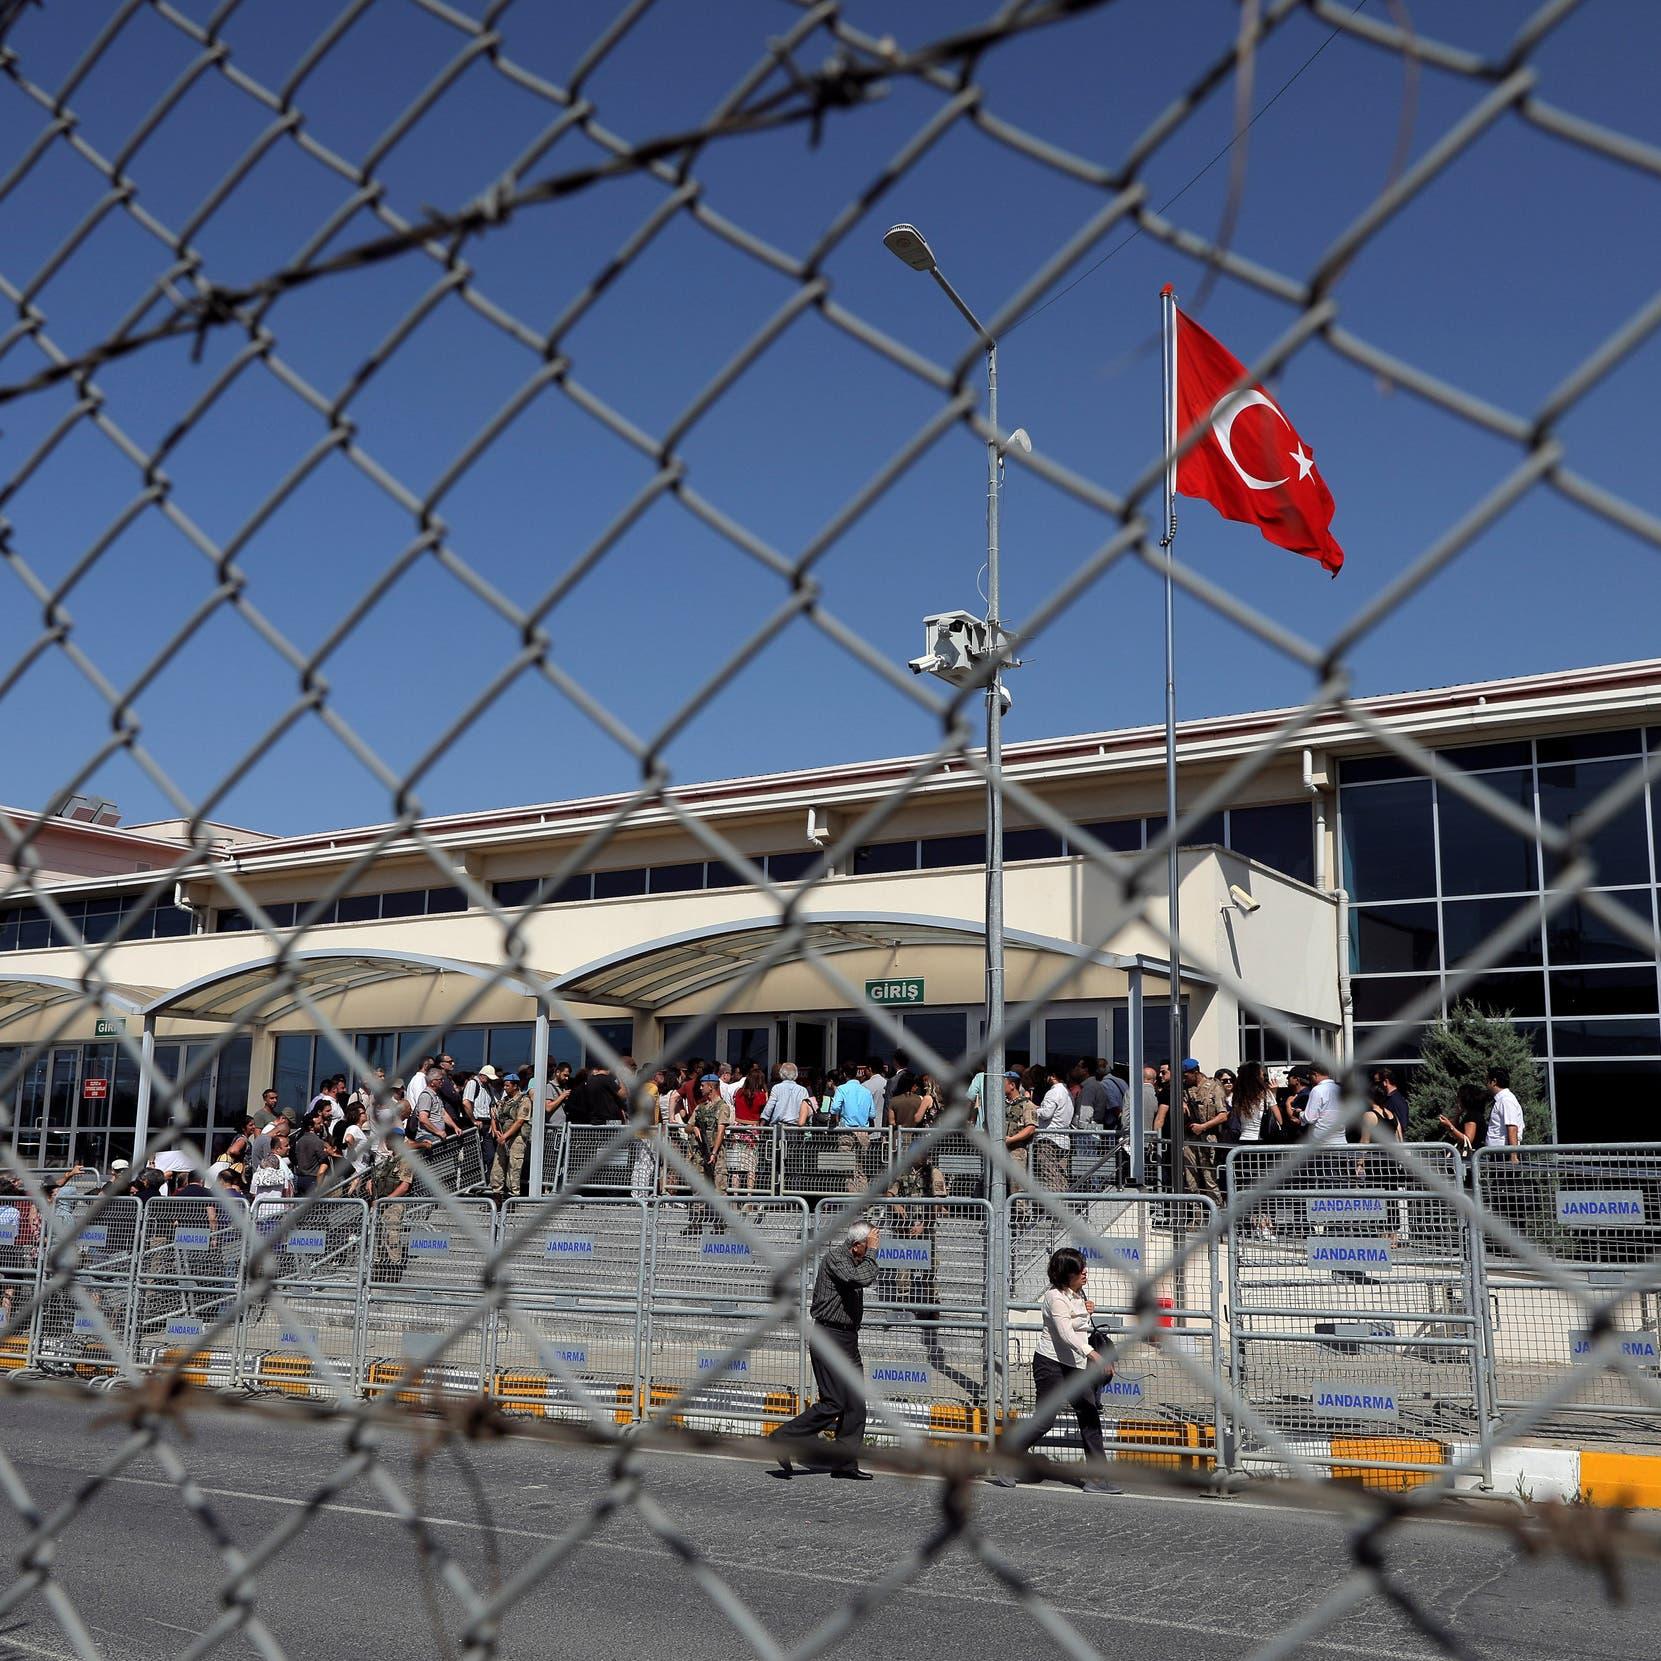 ارتفاع حالات كورونا بسجون تركيا.. والحكومة تخفي الأرقام